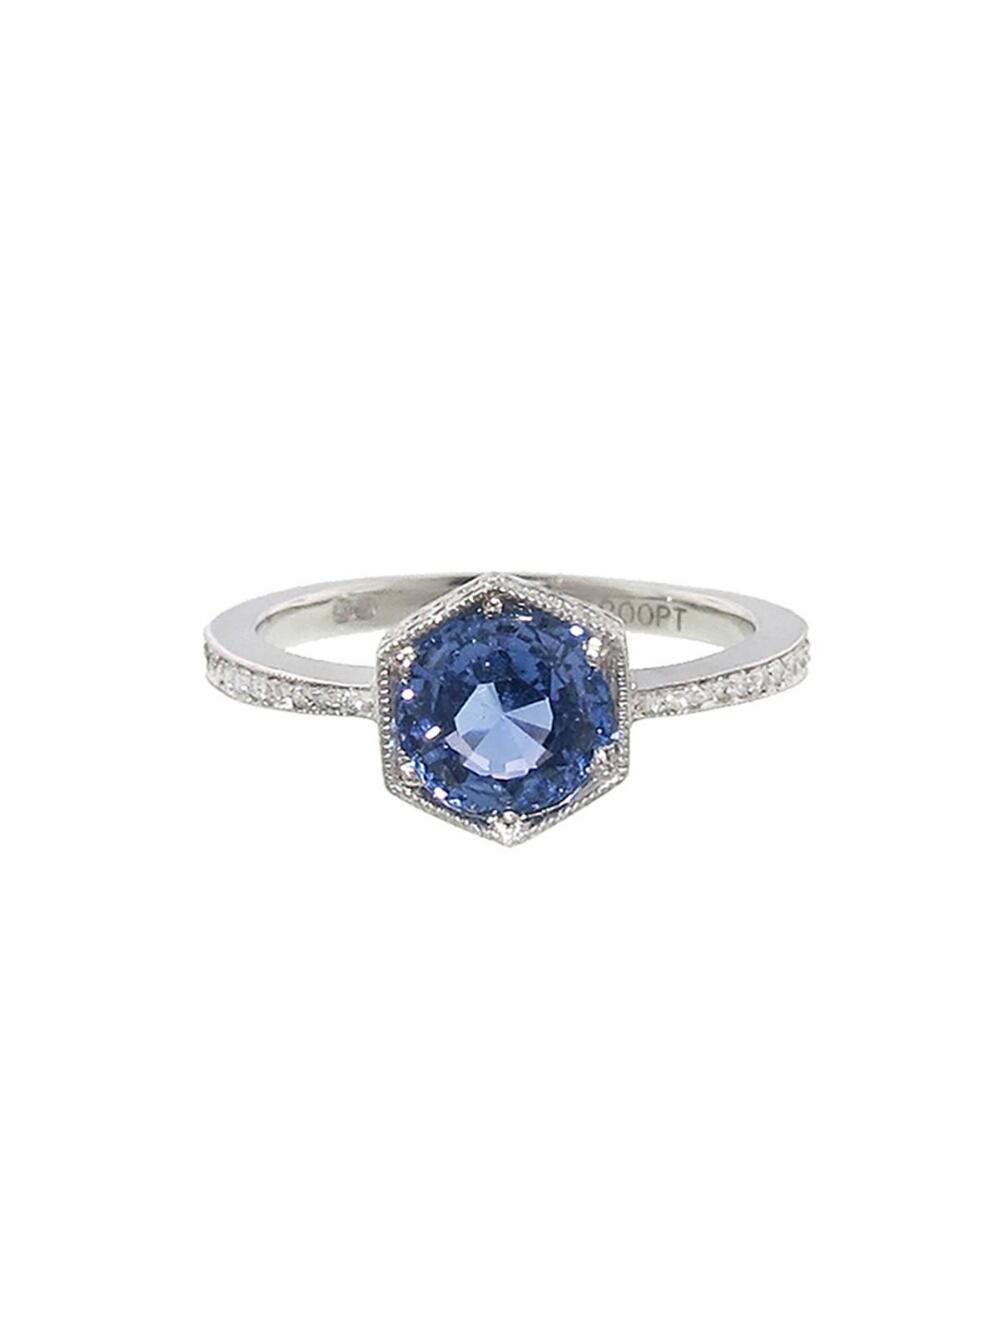 Hexagonal Blue Sapphire Bezel Ring